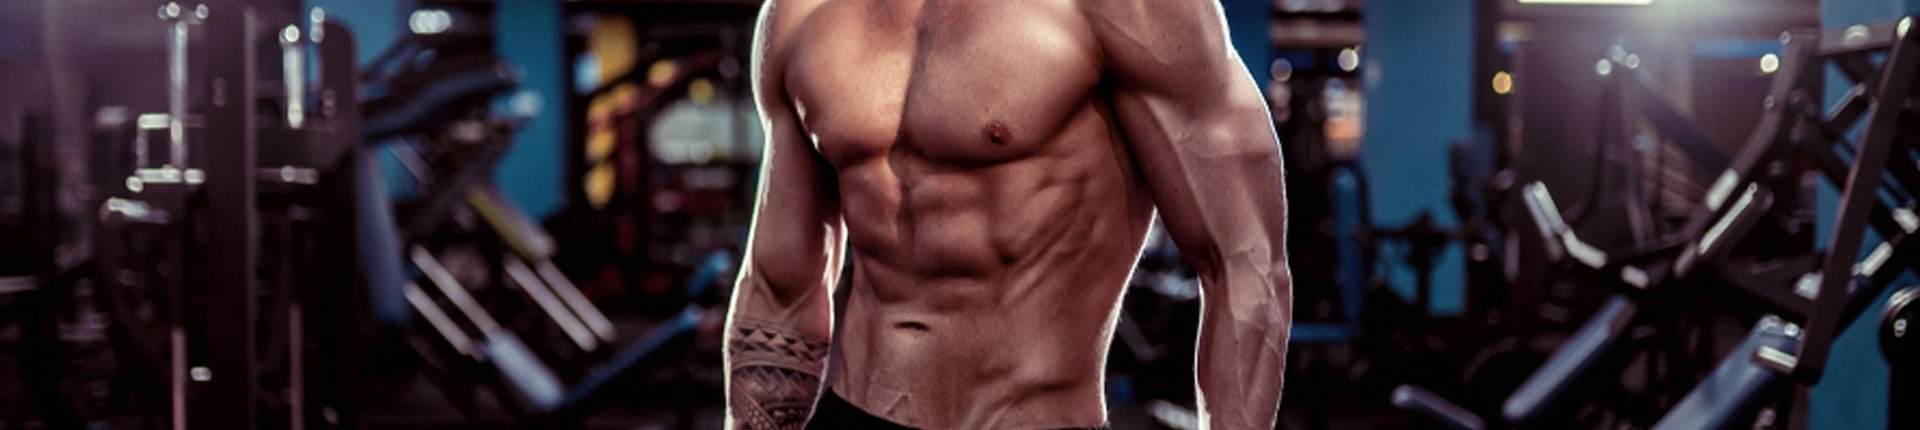 Spalanie tłuszczu, odchudzanie bez utraty mięśni